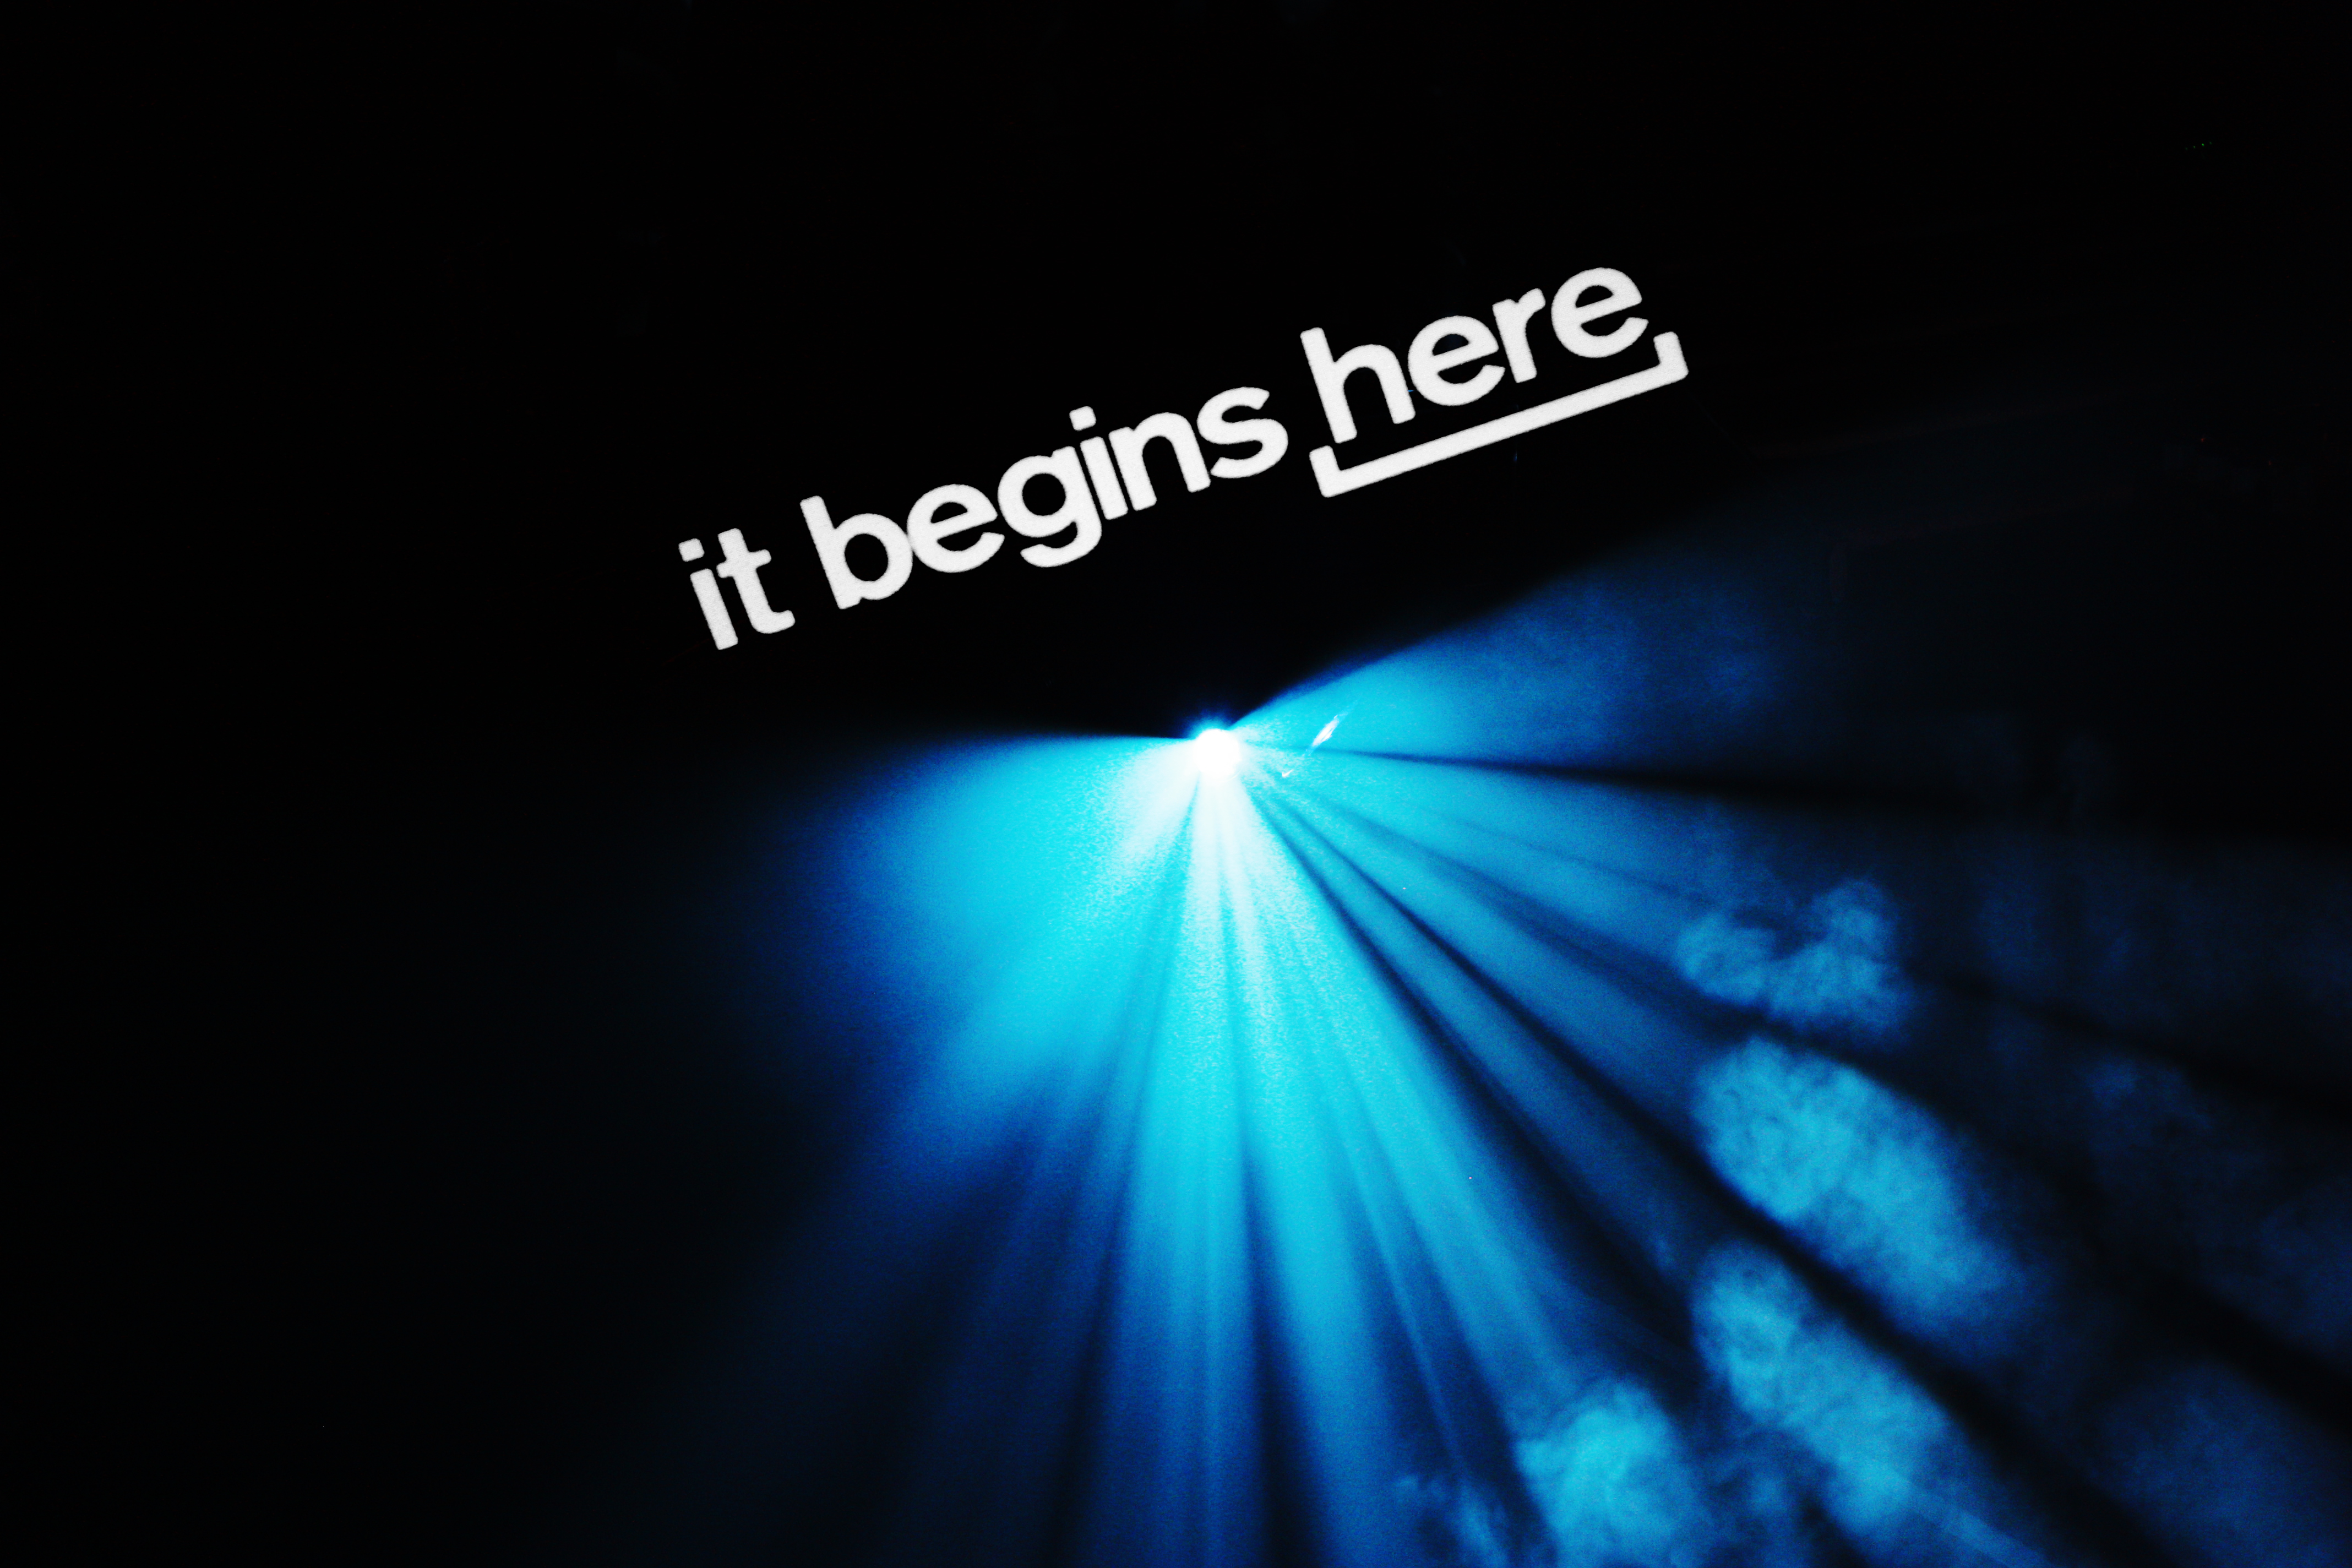 Myspace_Event_15.03.12_Layla Smethurst 2